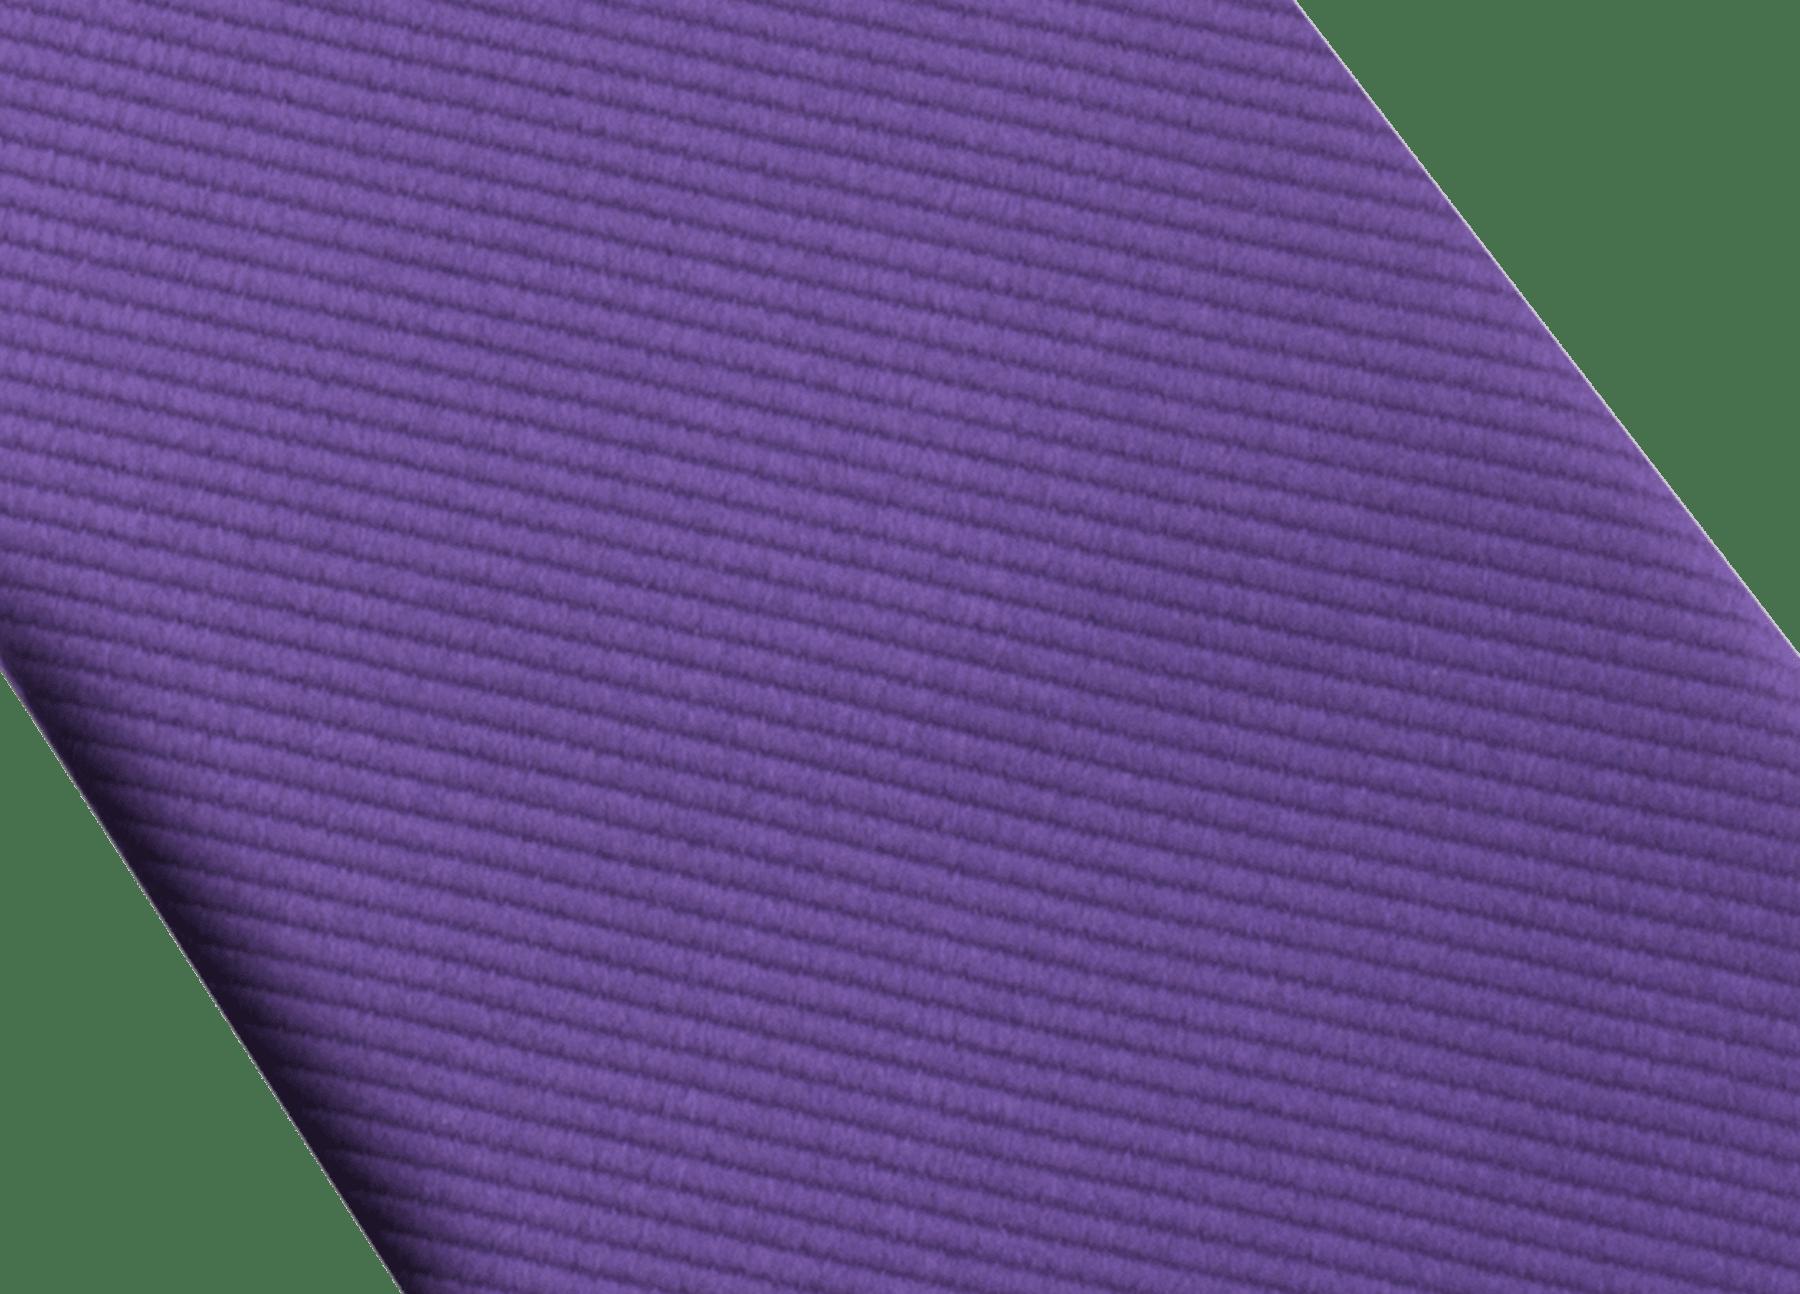 Gravata de sete dobras violeta com padrão Bvlgari Colors em fina seda. 243873 image 2